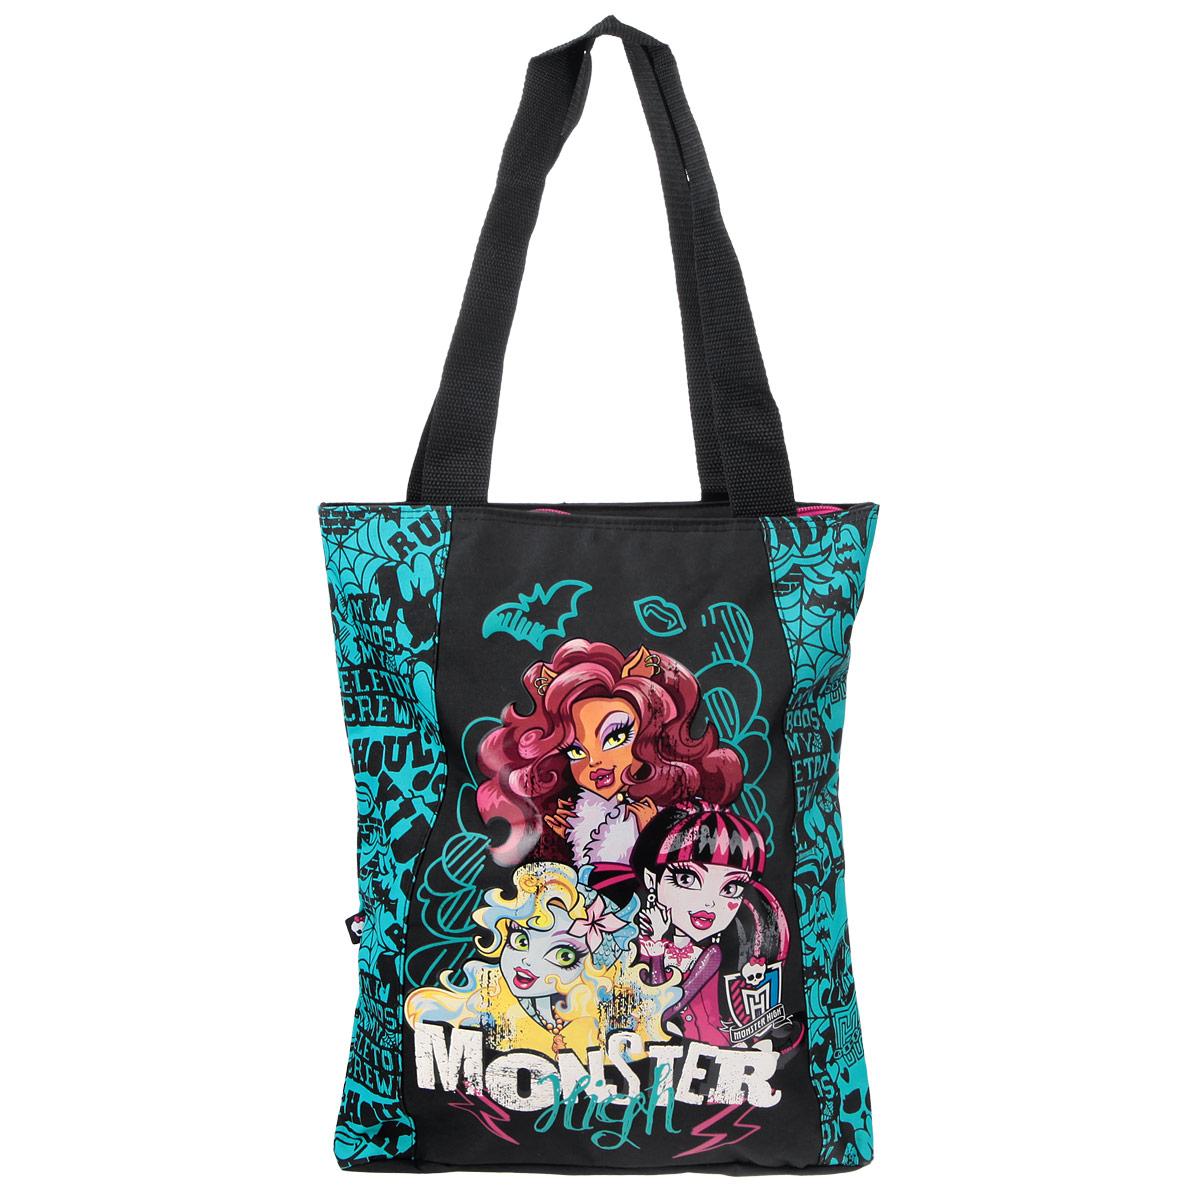 Сумка детская Monster High, цвет: черный, бирюзовый. MHBA-UT1-5011BMHBA-UT1-5011BЭффектная детская сумка Monster High обязательно понравится вашему ребенку. Сумочка выполнена из легкого текстильного материала и украшена ярким принтом с изображением героев одноименного популярного мультсериала. Сумка имеет одно большое внутреннее отделение, которое застегивается на молнию. Внутри находится небольшой вшитый карман на молнии. Яркую сумку с длинными текстильными ручками можно носить как в руках, так и на плече.